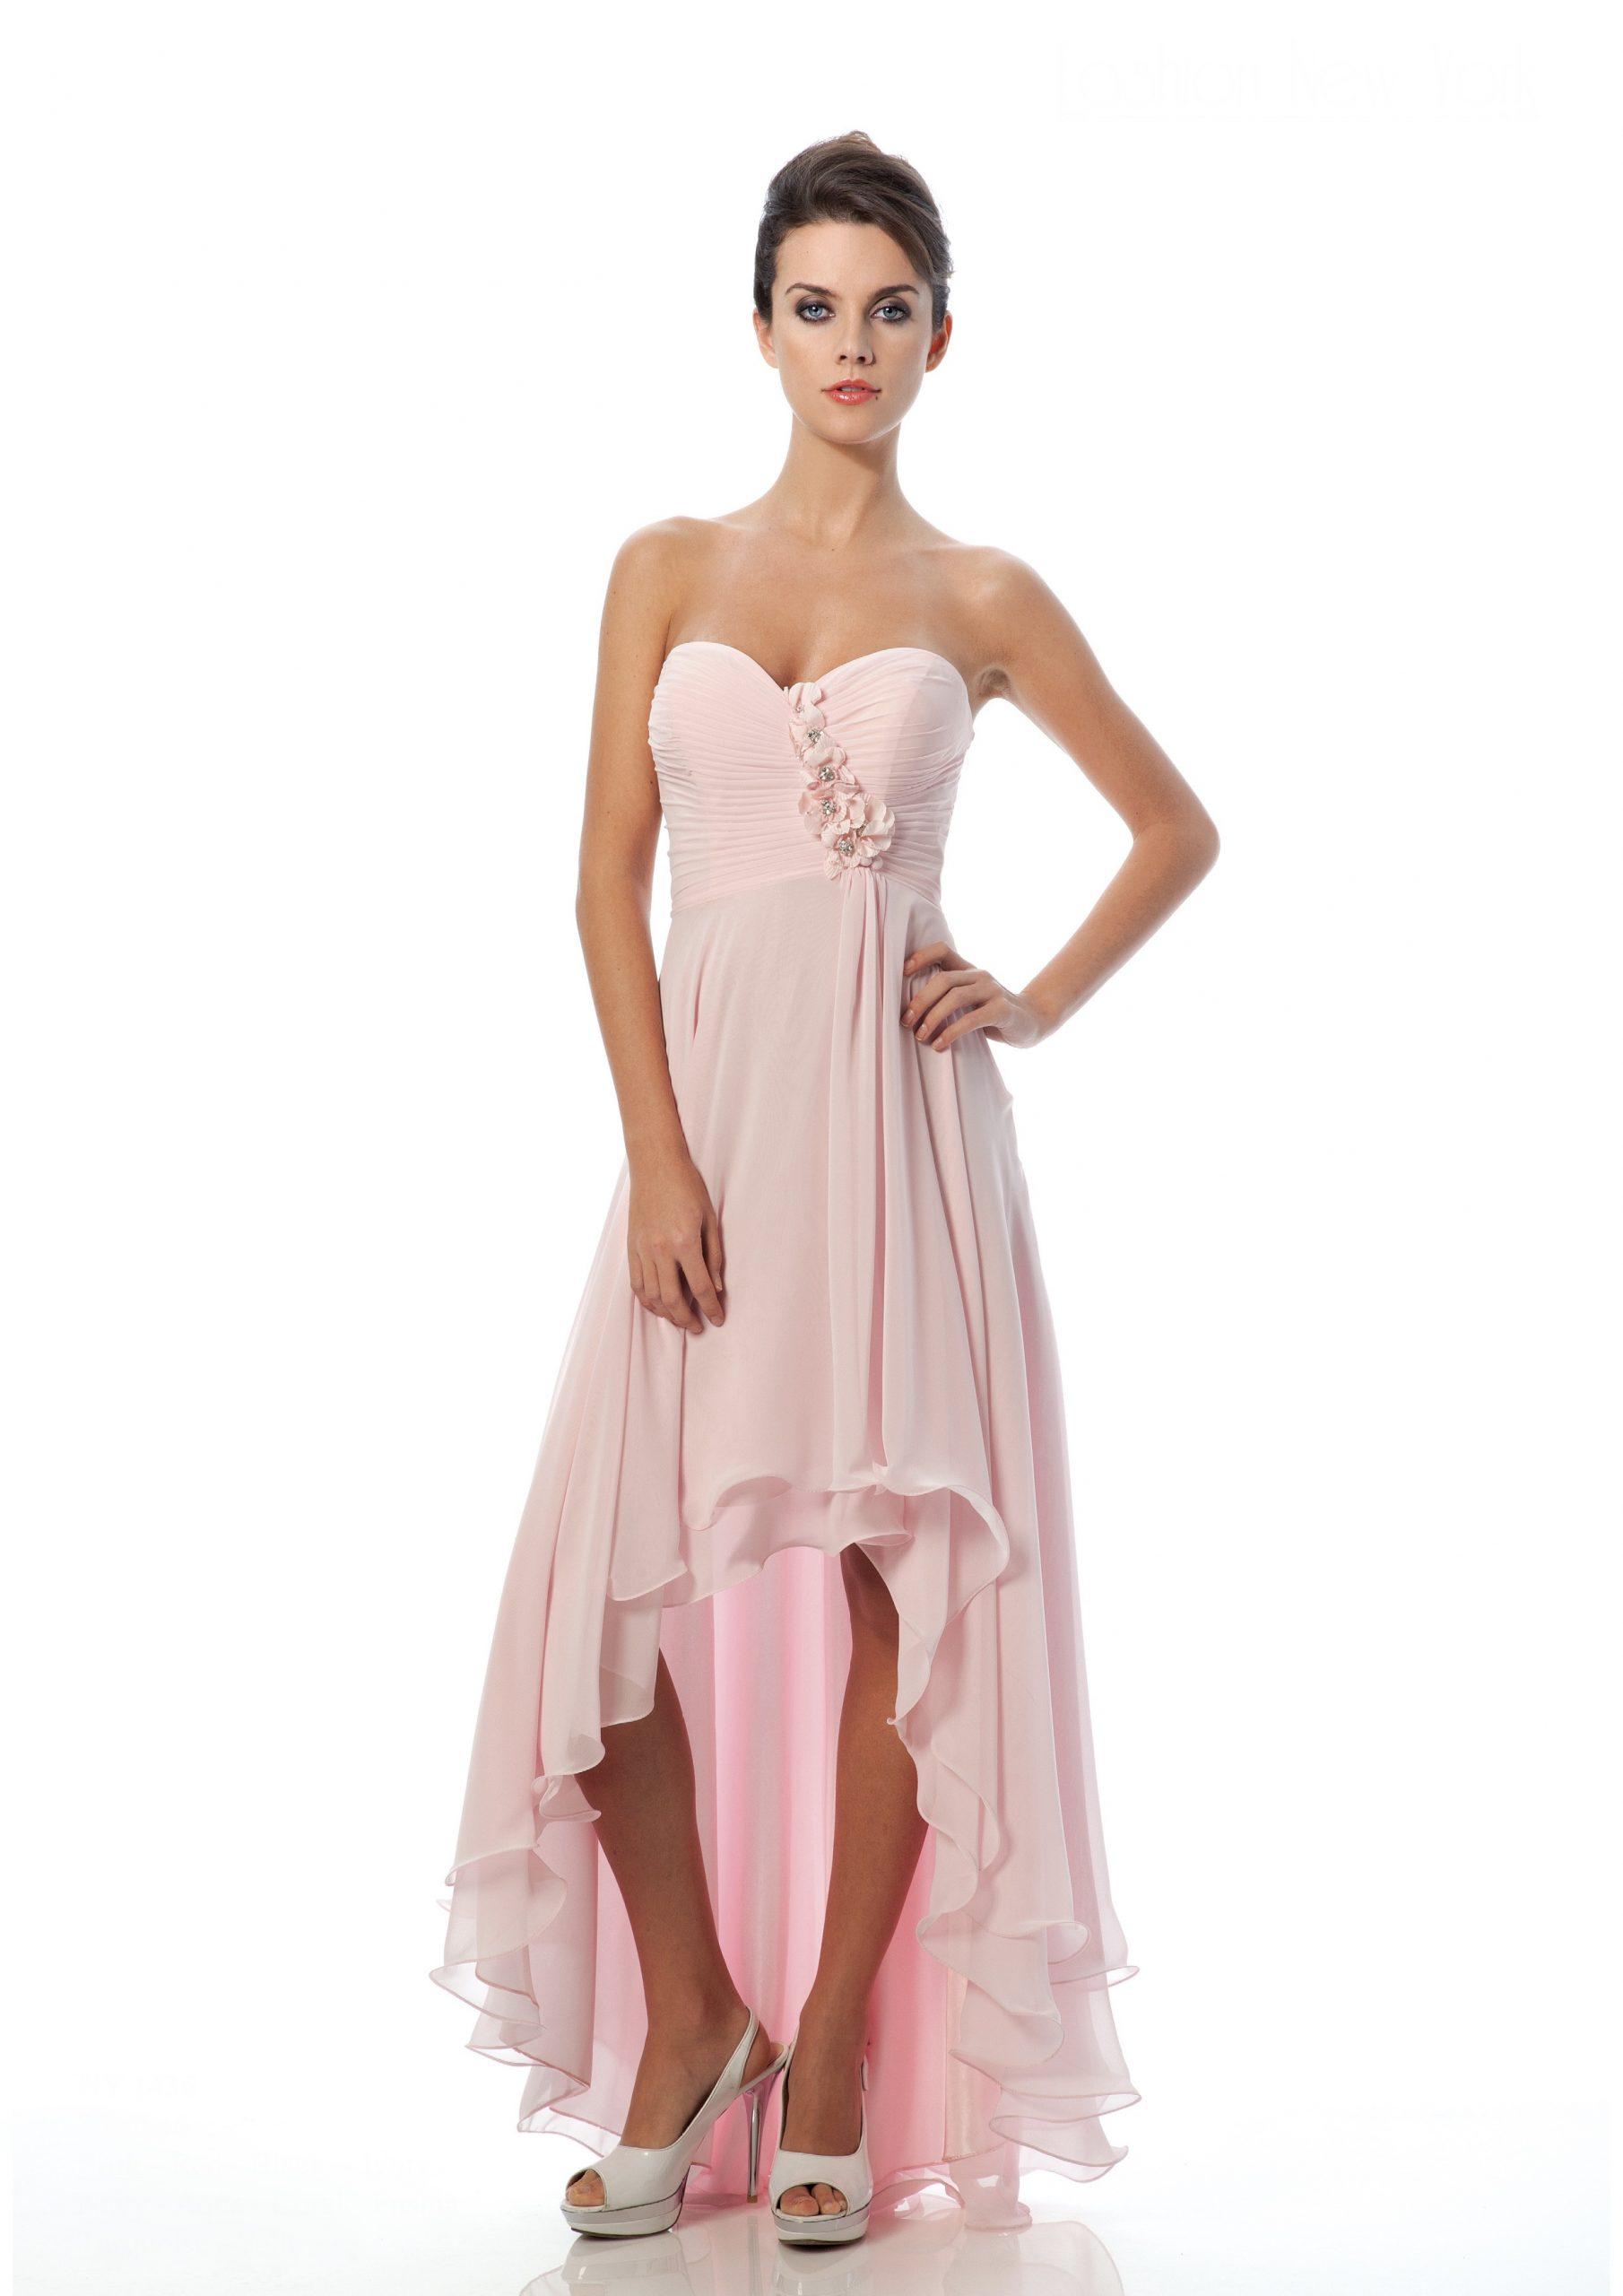 17 Spektakulär Abendkleid Vokuhila Vertrieb15 Erstaunlich Abendkleid Vokuhila Bester Preis